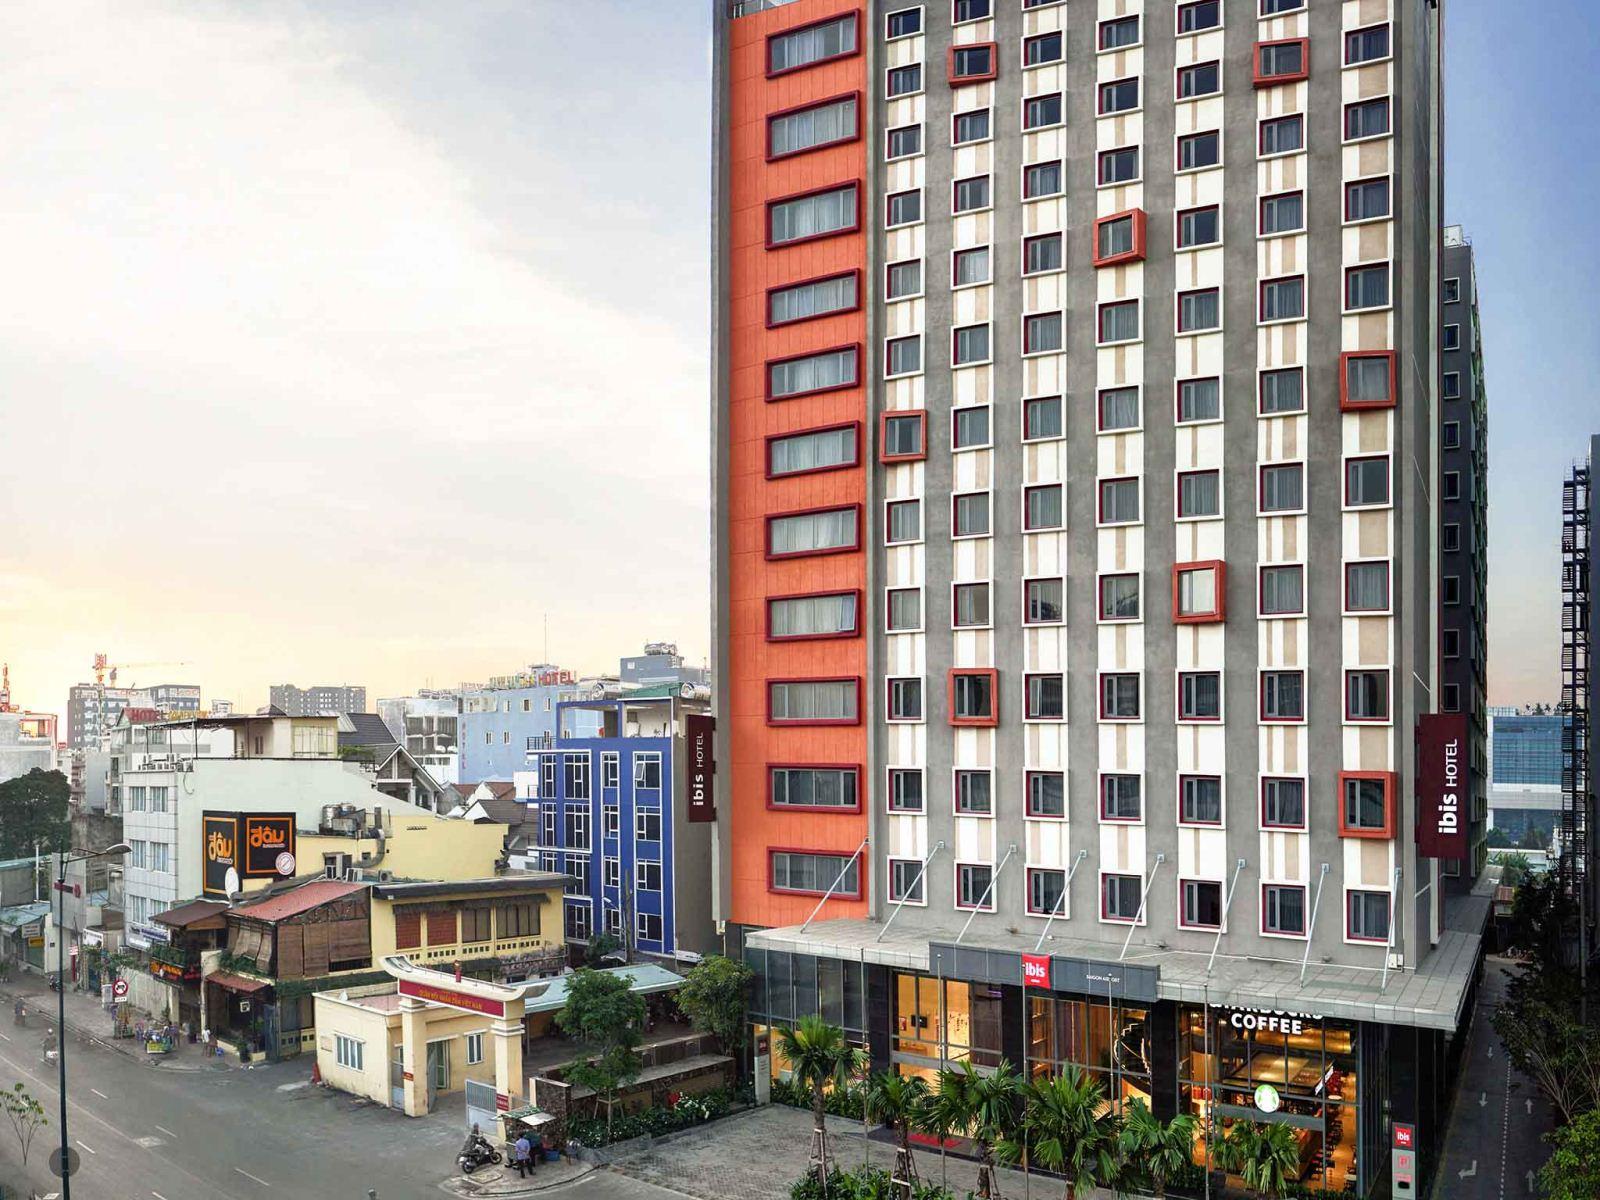 Mảng cho thuê văn phòng, khách sạn đem về trăm tỷ cho Hà Đô 5 tháng đầu năm - Ảnh 1.